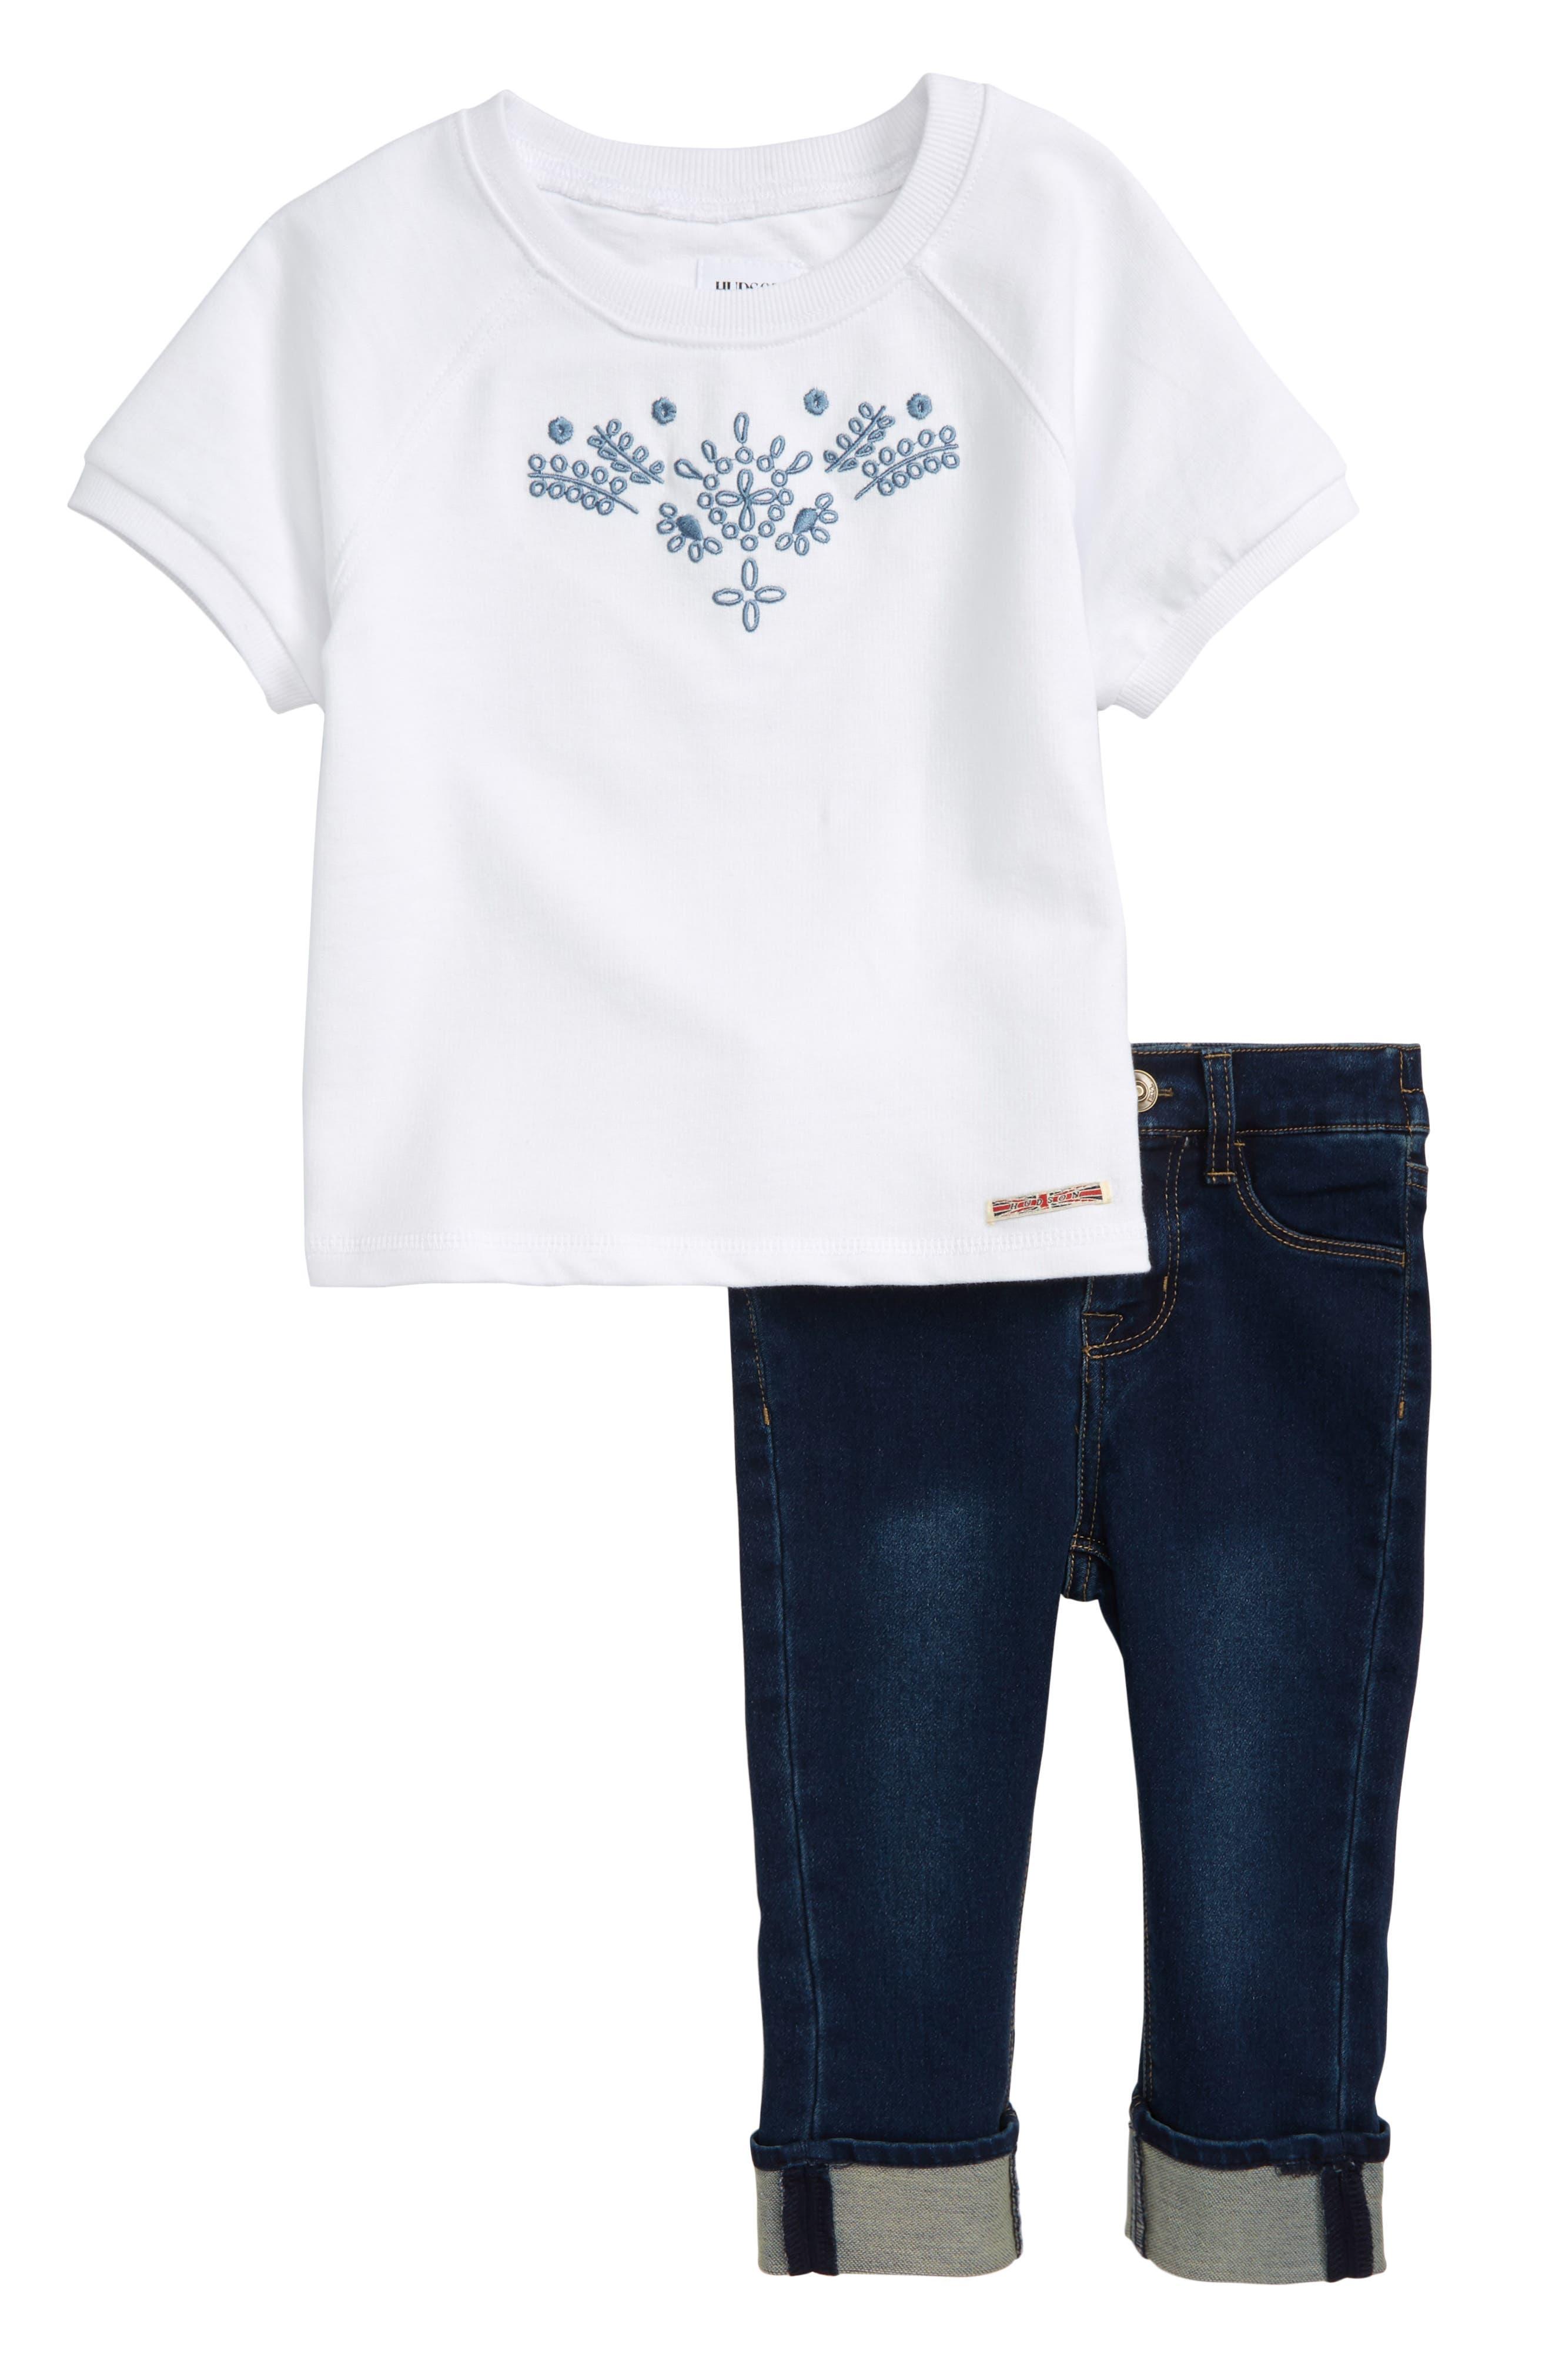 Hudson Kids Embroidered Top & Jeans Set (Toddler Girls)